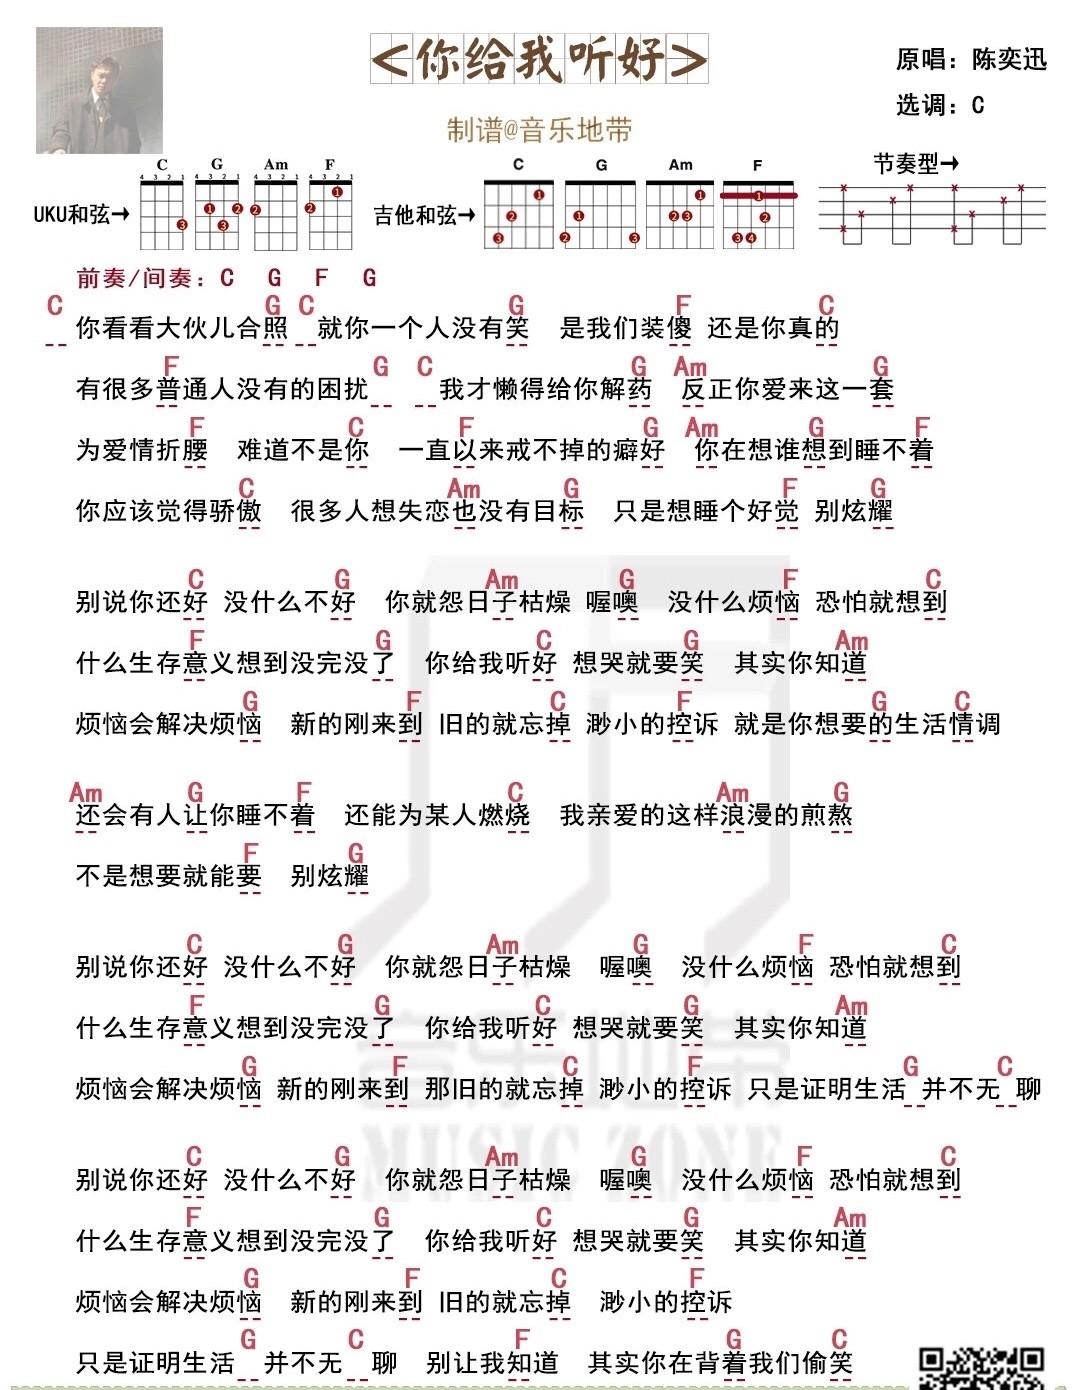 《你给我听好》陈奕迅 尤克里里弹唱曲谱-C大调音乐网